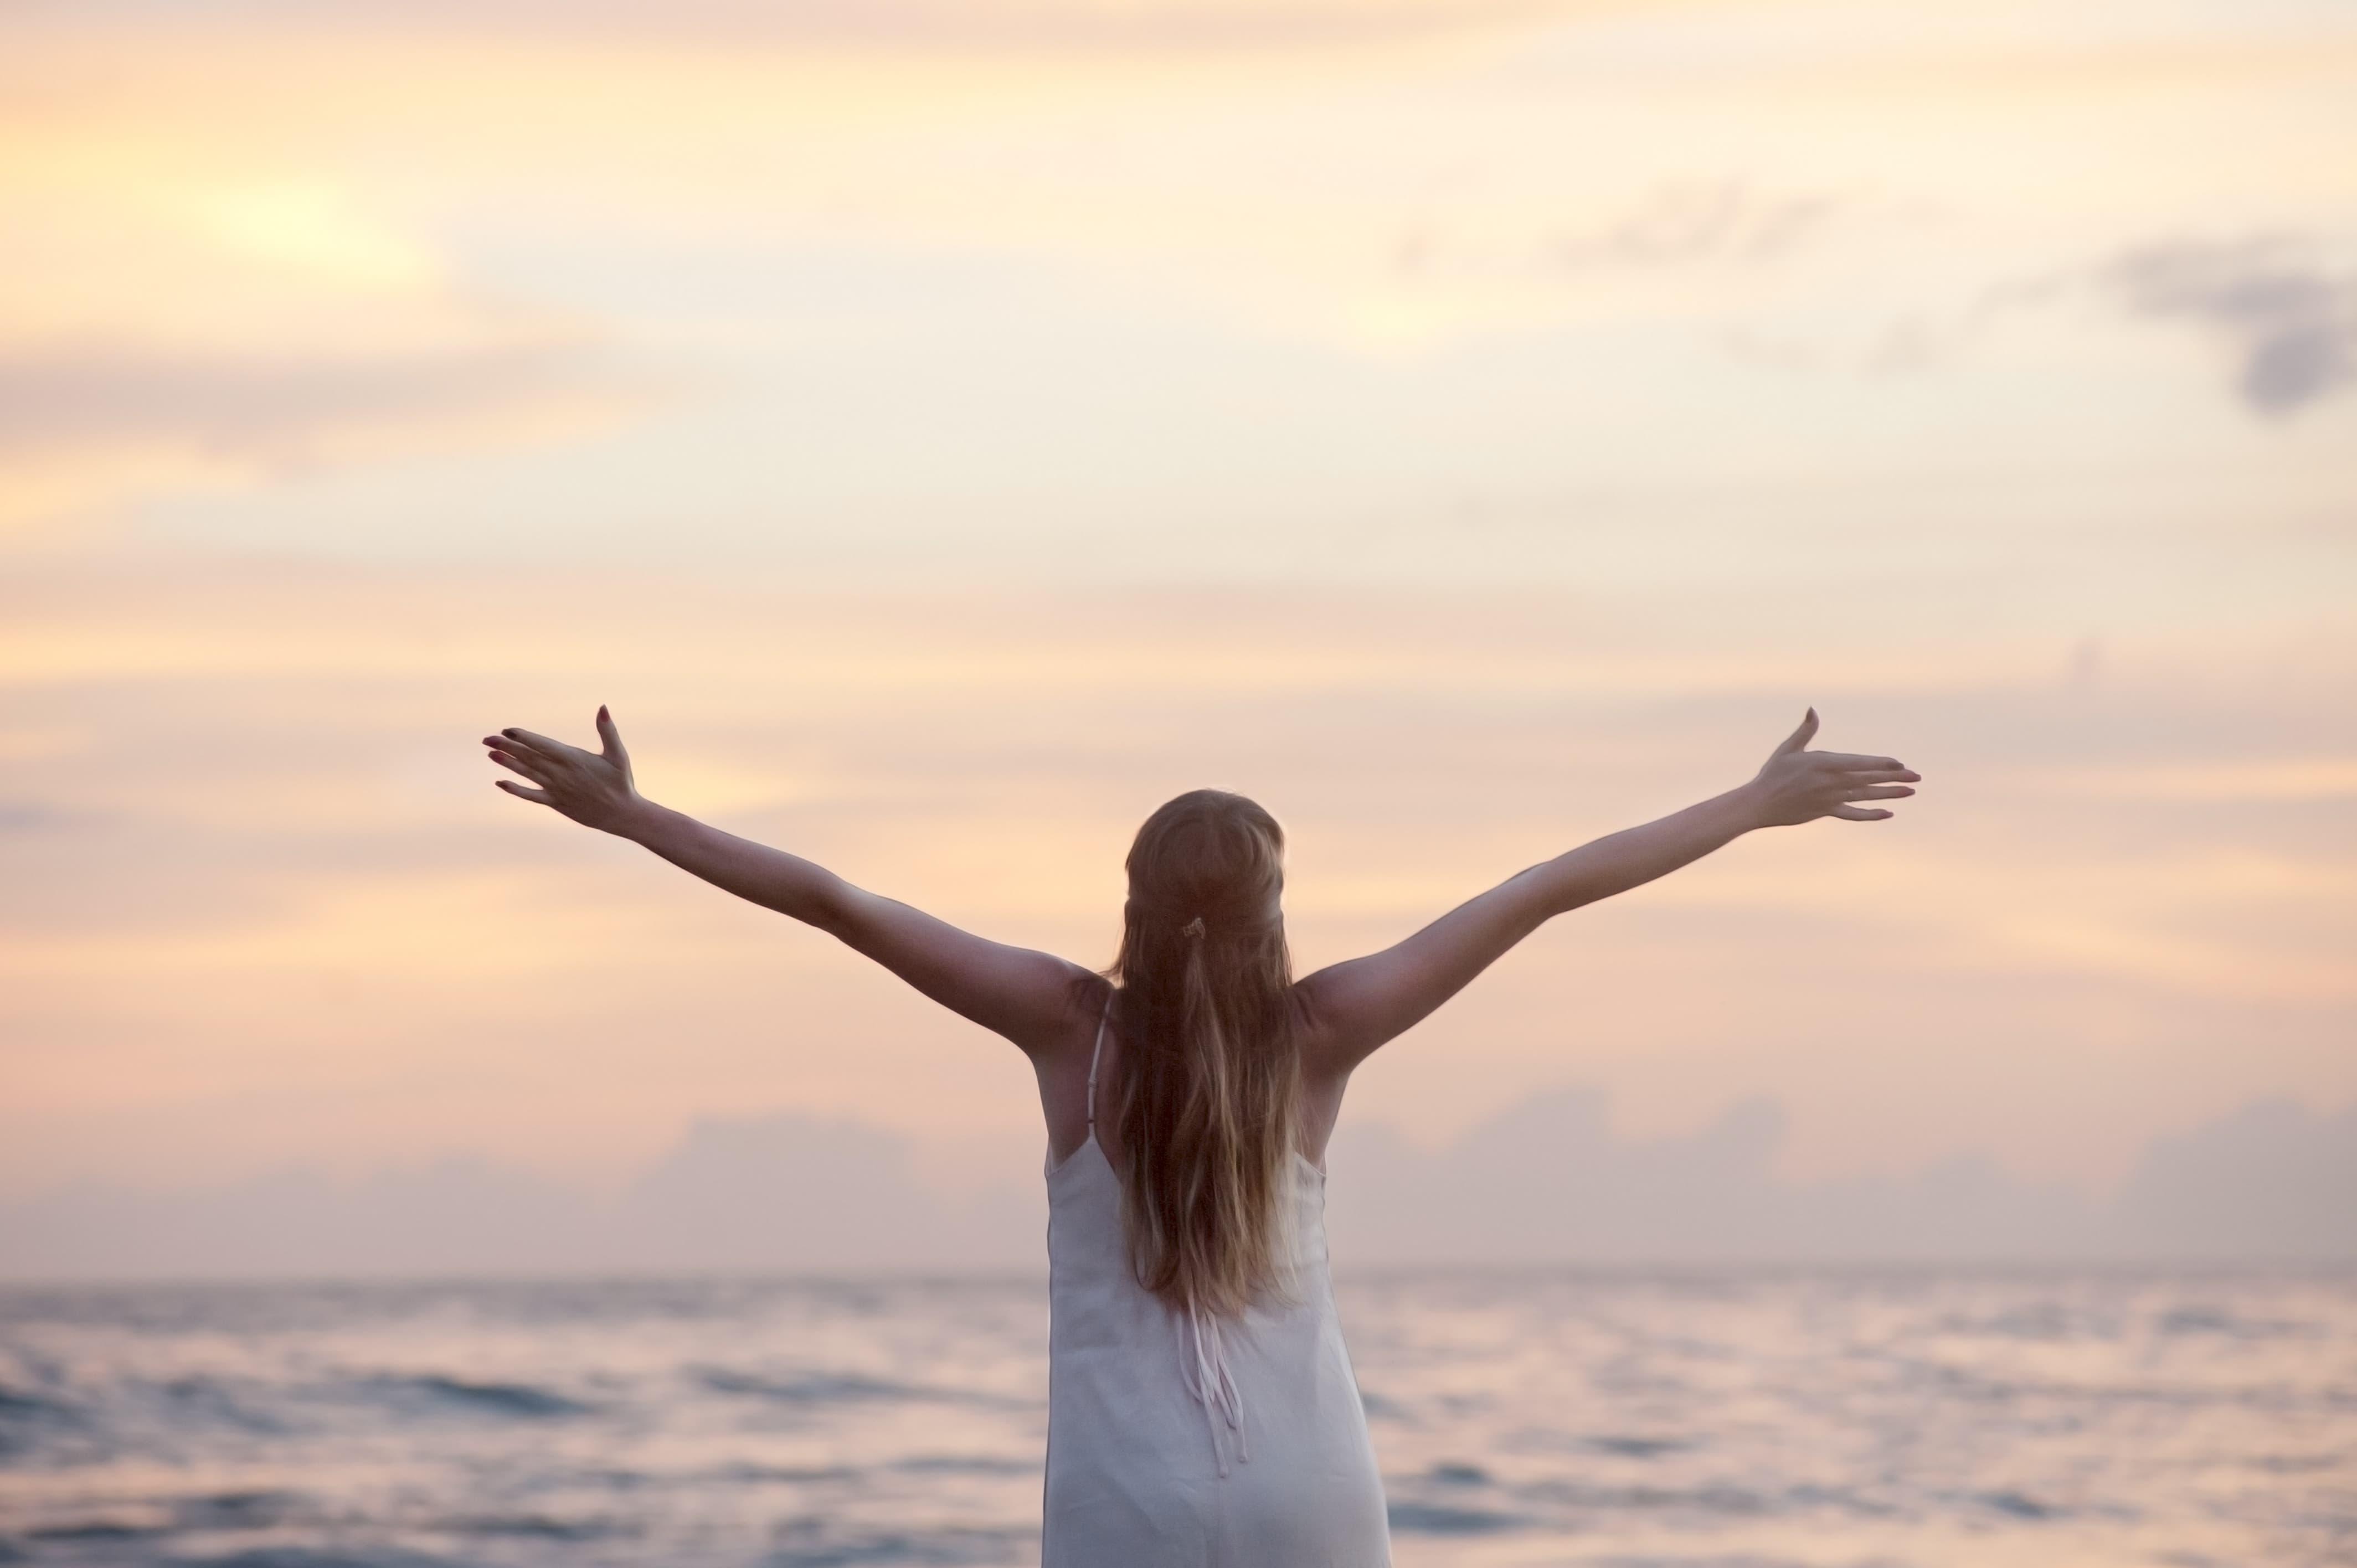 海に向かって両腕を広げる健康的な女性のサムネイル画像